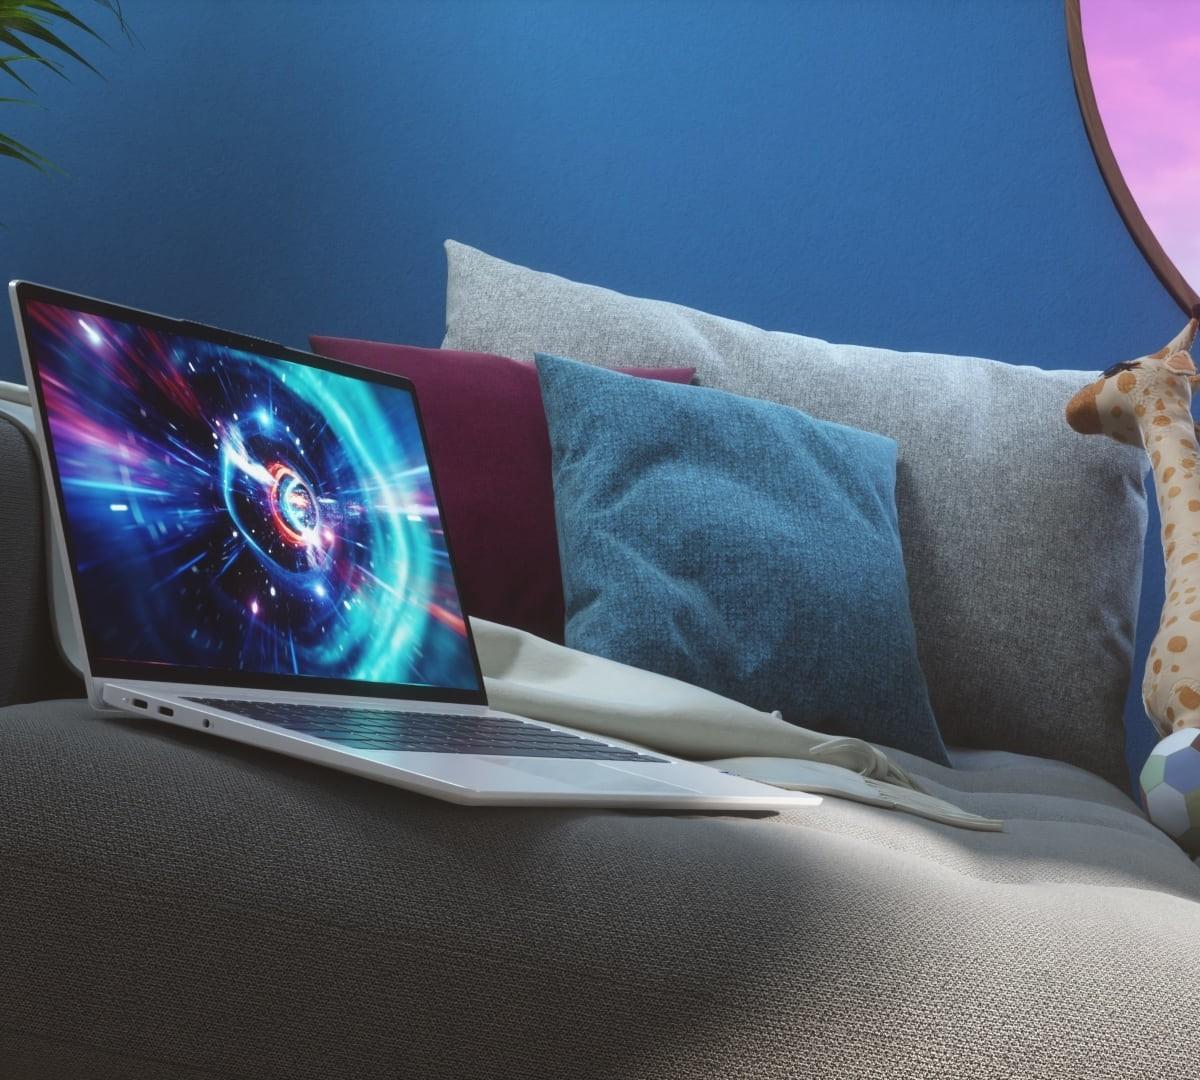 Lenovo IdeaPad 5G family laptop provides all-day battery life